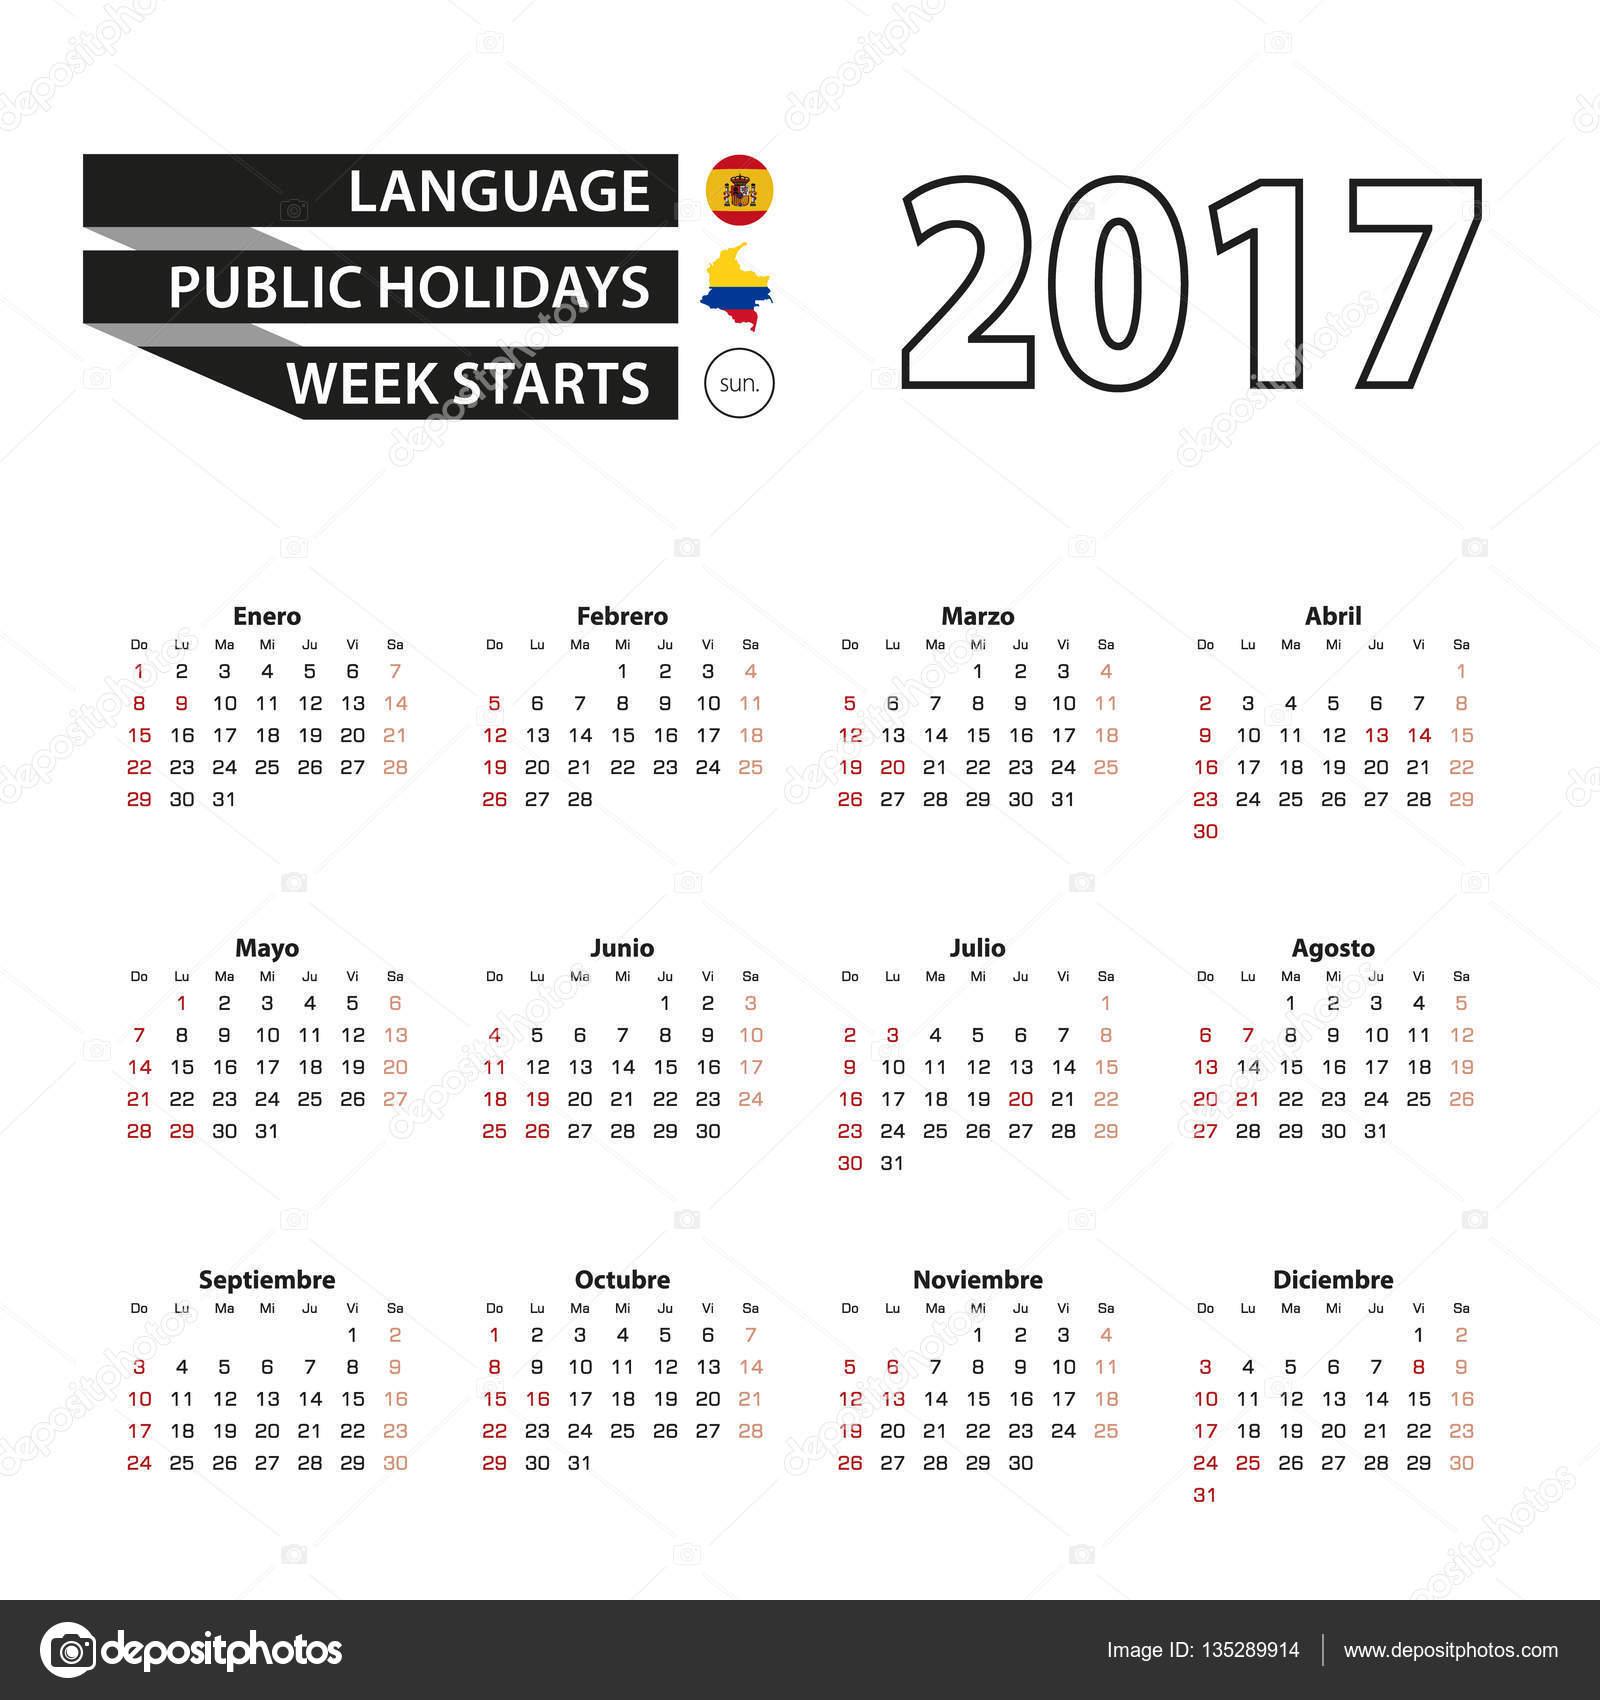 Calendario 2017 Colombia.Calendario 2017 In Lingua Spagnola Con I Giorni Festivi Per